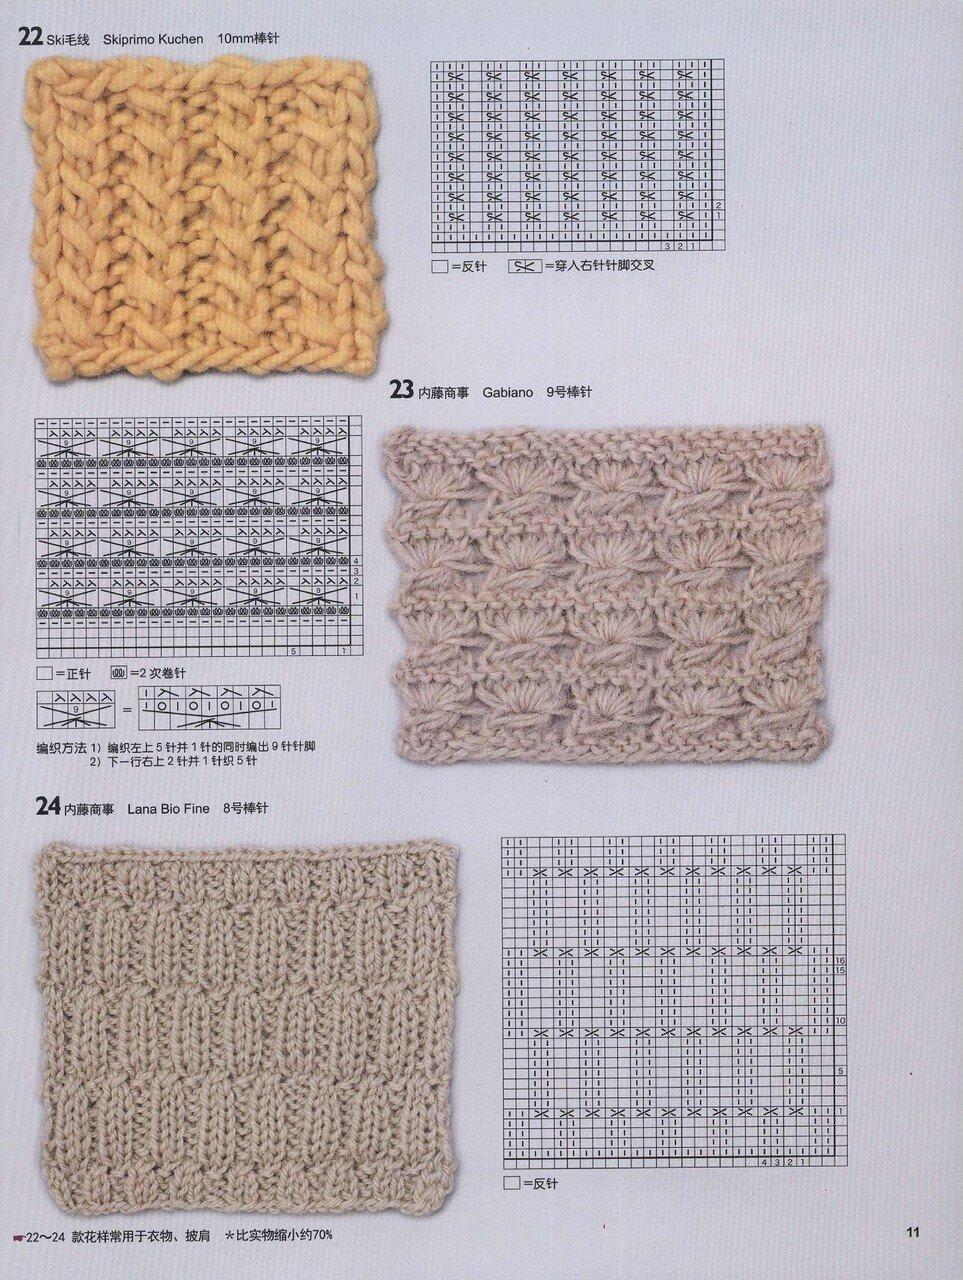 150 Knitting_13.jpg